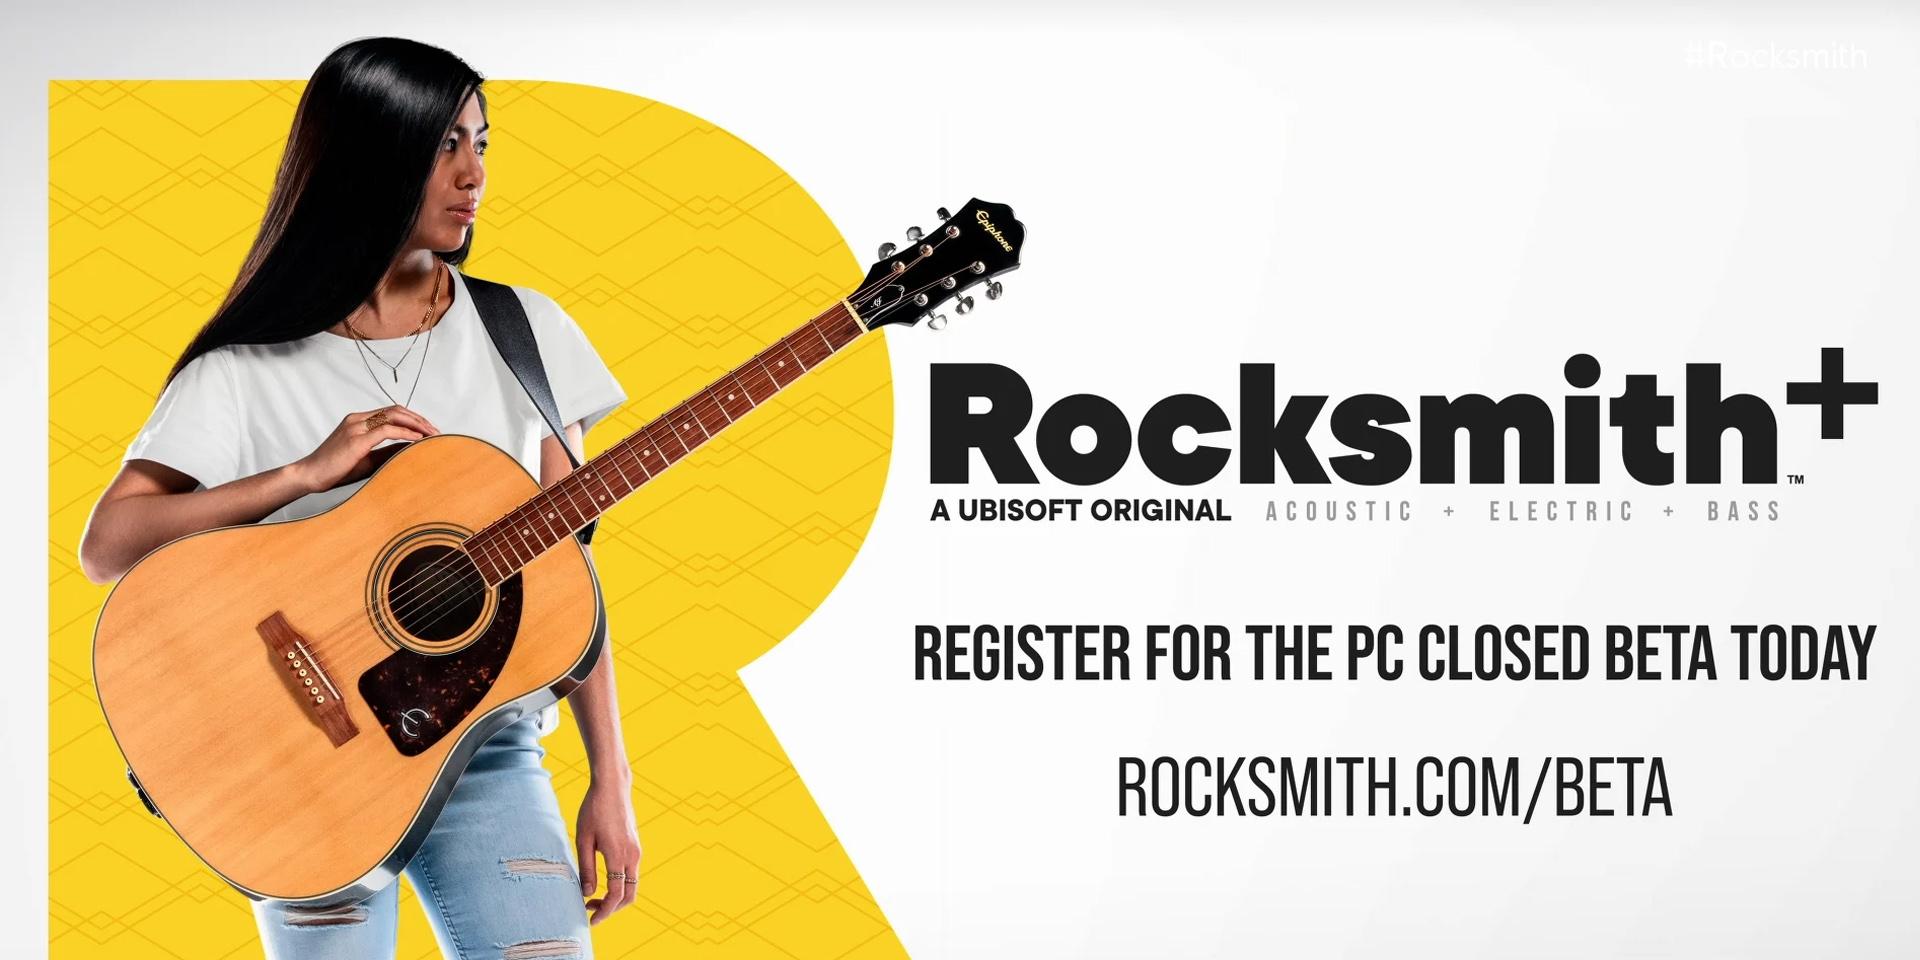 MMO-индустрия: Ubisoft будет учить играть на гитаре, второй ESO нет смысла делать, а в LotRO прошёл музыкальный фестиваль